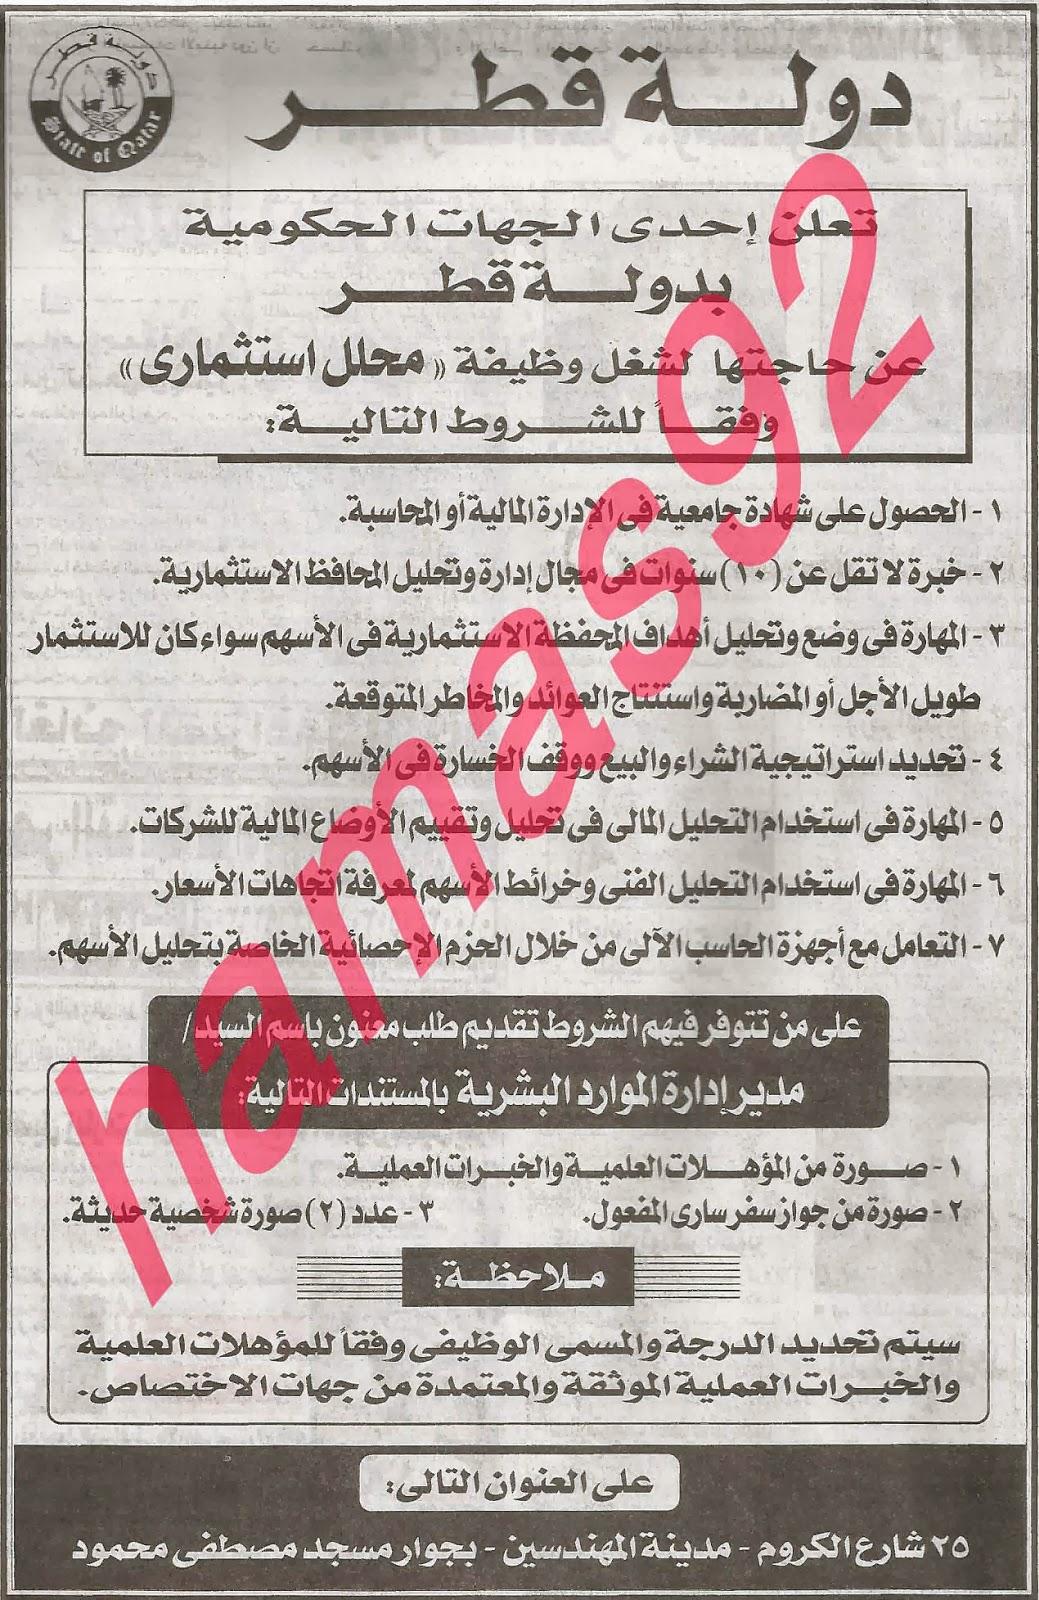 وظائف خالية مصر الخميس 3 اكتوبر 2013, وظائف جريدة الاهرام المصرية 3/10/2013